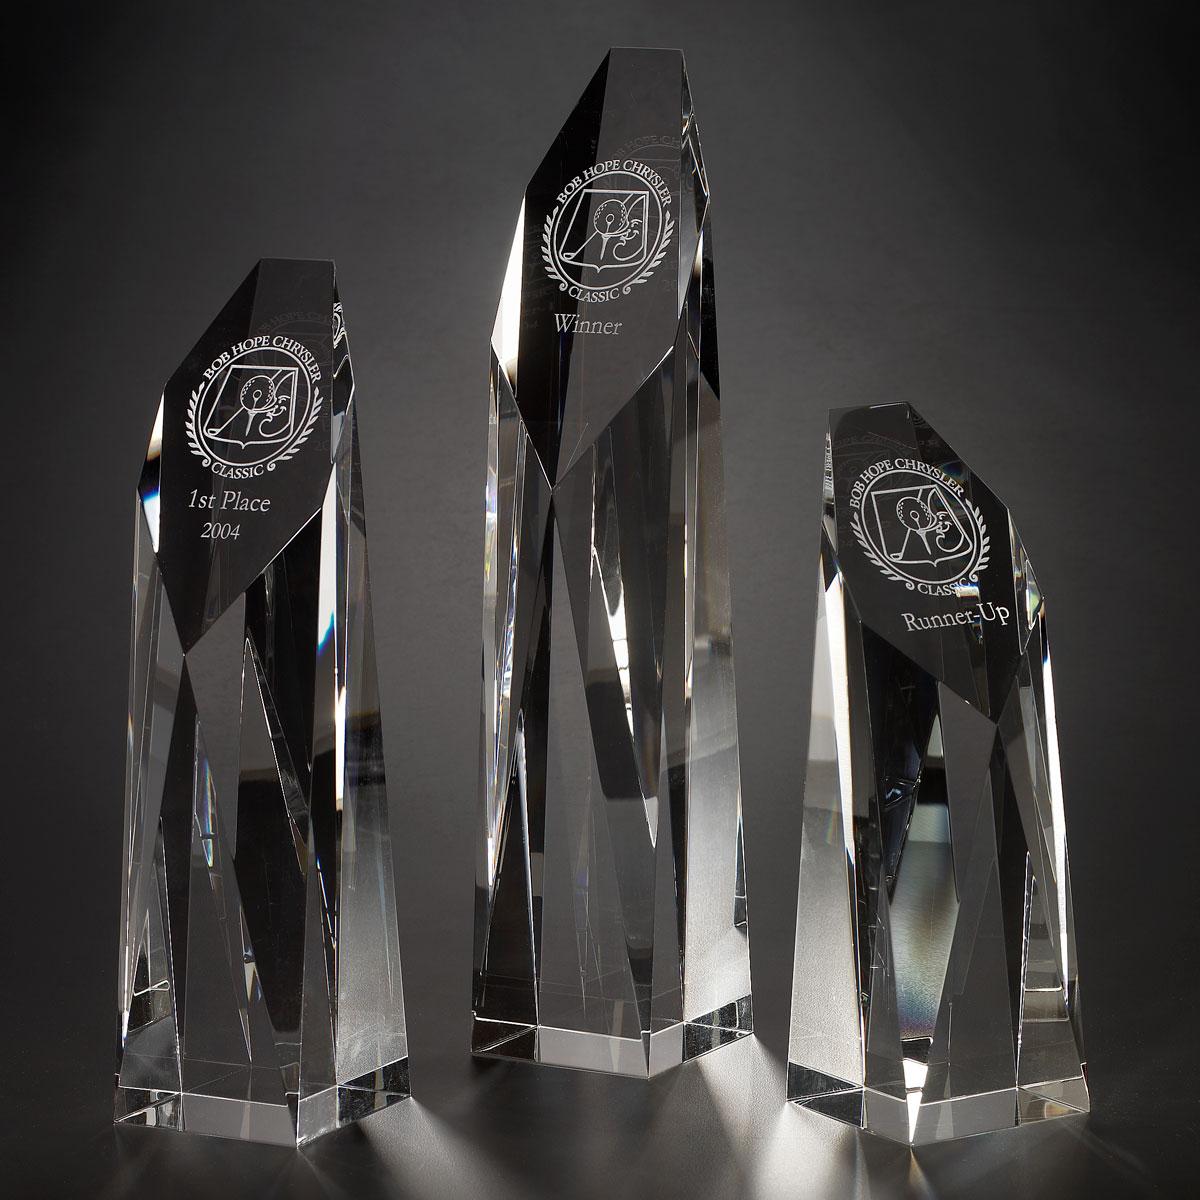 Orrefors Crystal, Ranier Award, Medium